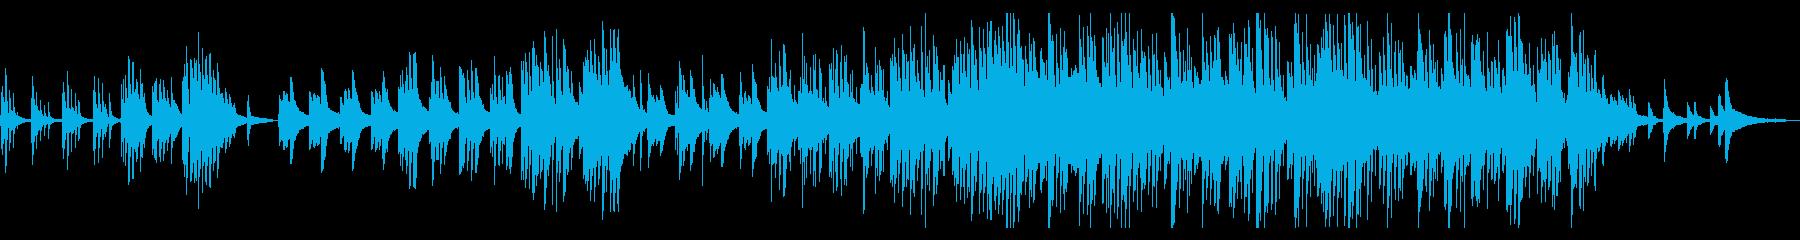 切なくも温かい夏をイメージしたピアノ曲の再生済みの波形